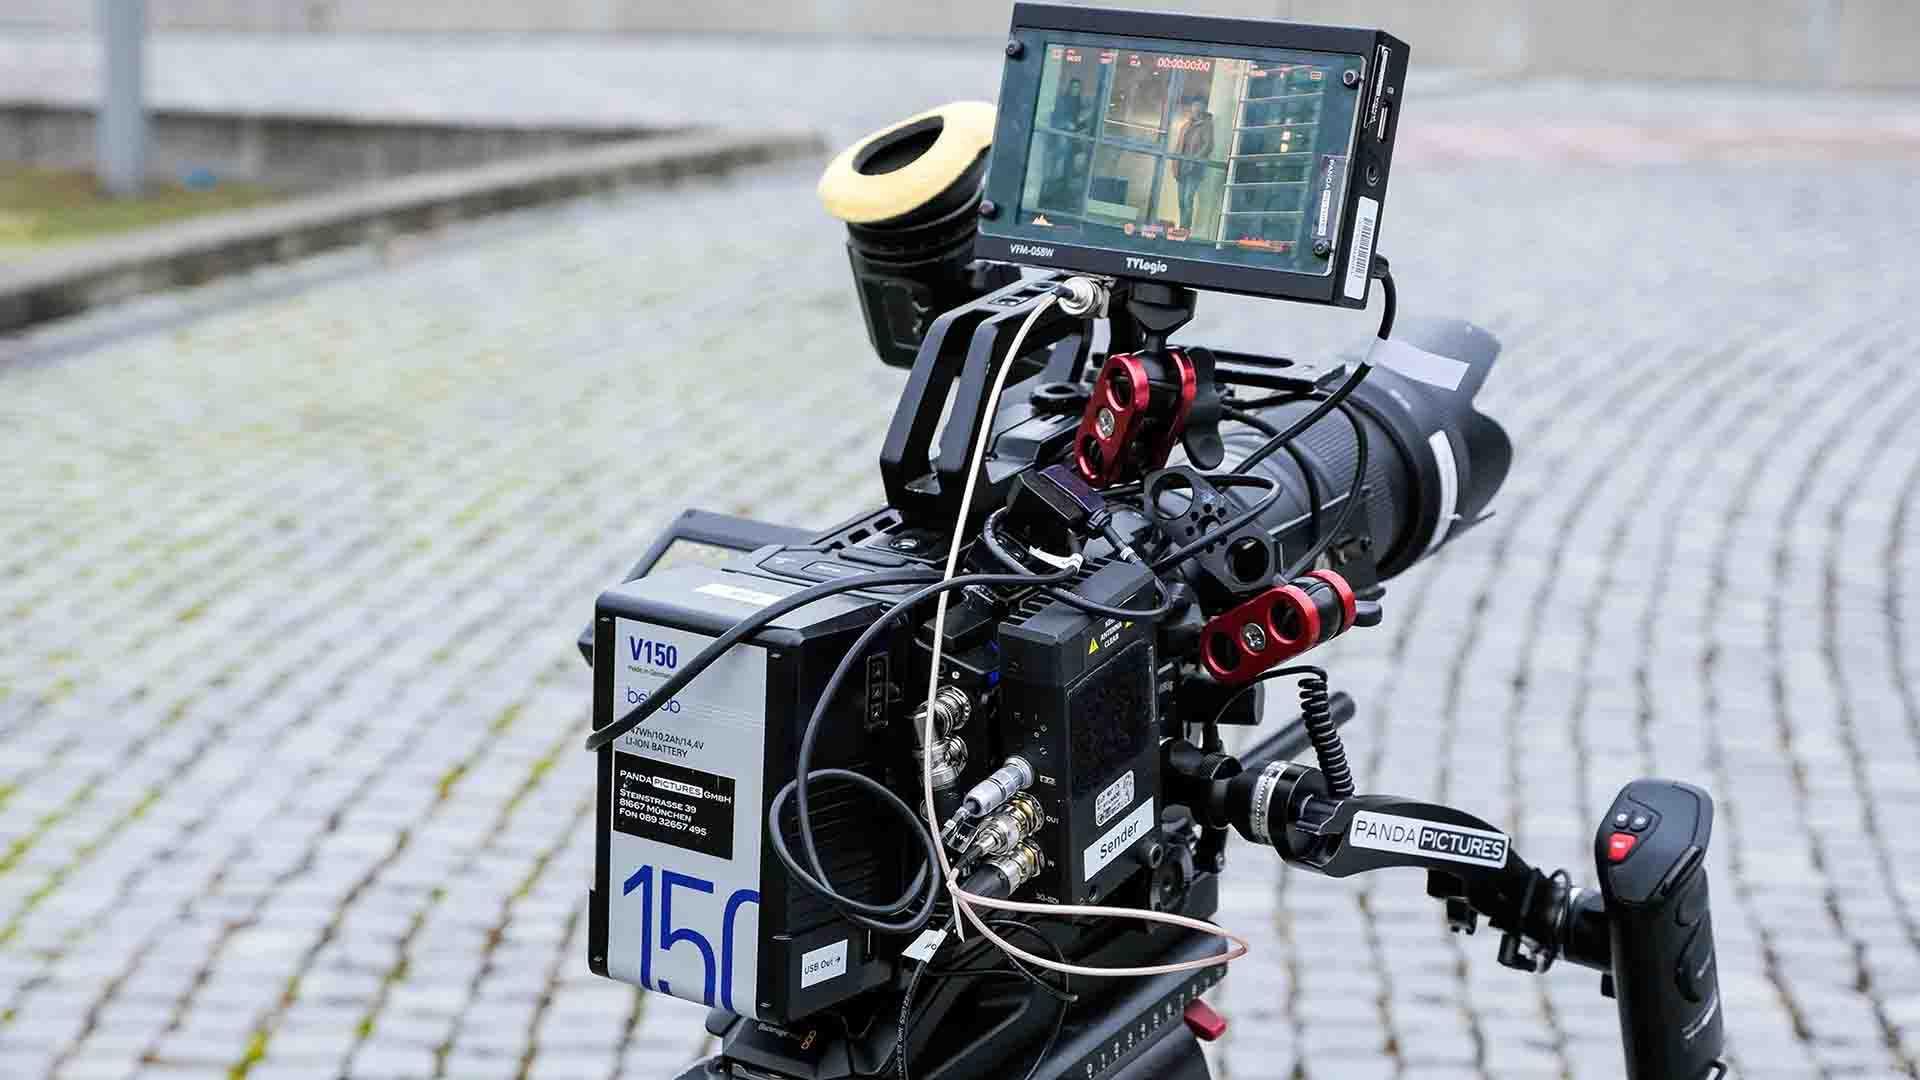 """Das Bild zeigt eine schwarze Kamera. Diese steht auf einem Boden, der gepflastert ist. Ein Monitor ist an der Kamera angebracht. Auf dem Monitor ist eine Szene zu sehen, die gefilmt wird. Das Bild dient als Sliderbild für den Portfolioeintrag """"Alphabet AlphaElectric Erklärfilm"""" von Panda Pictures."""